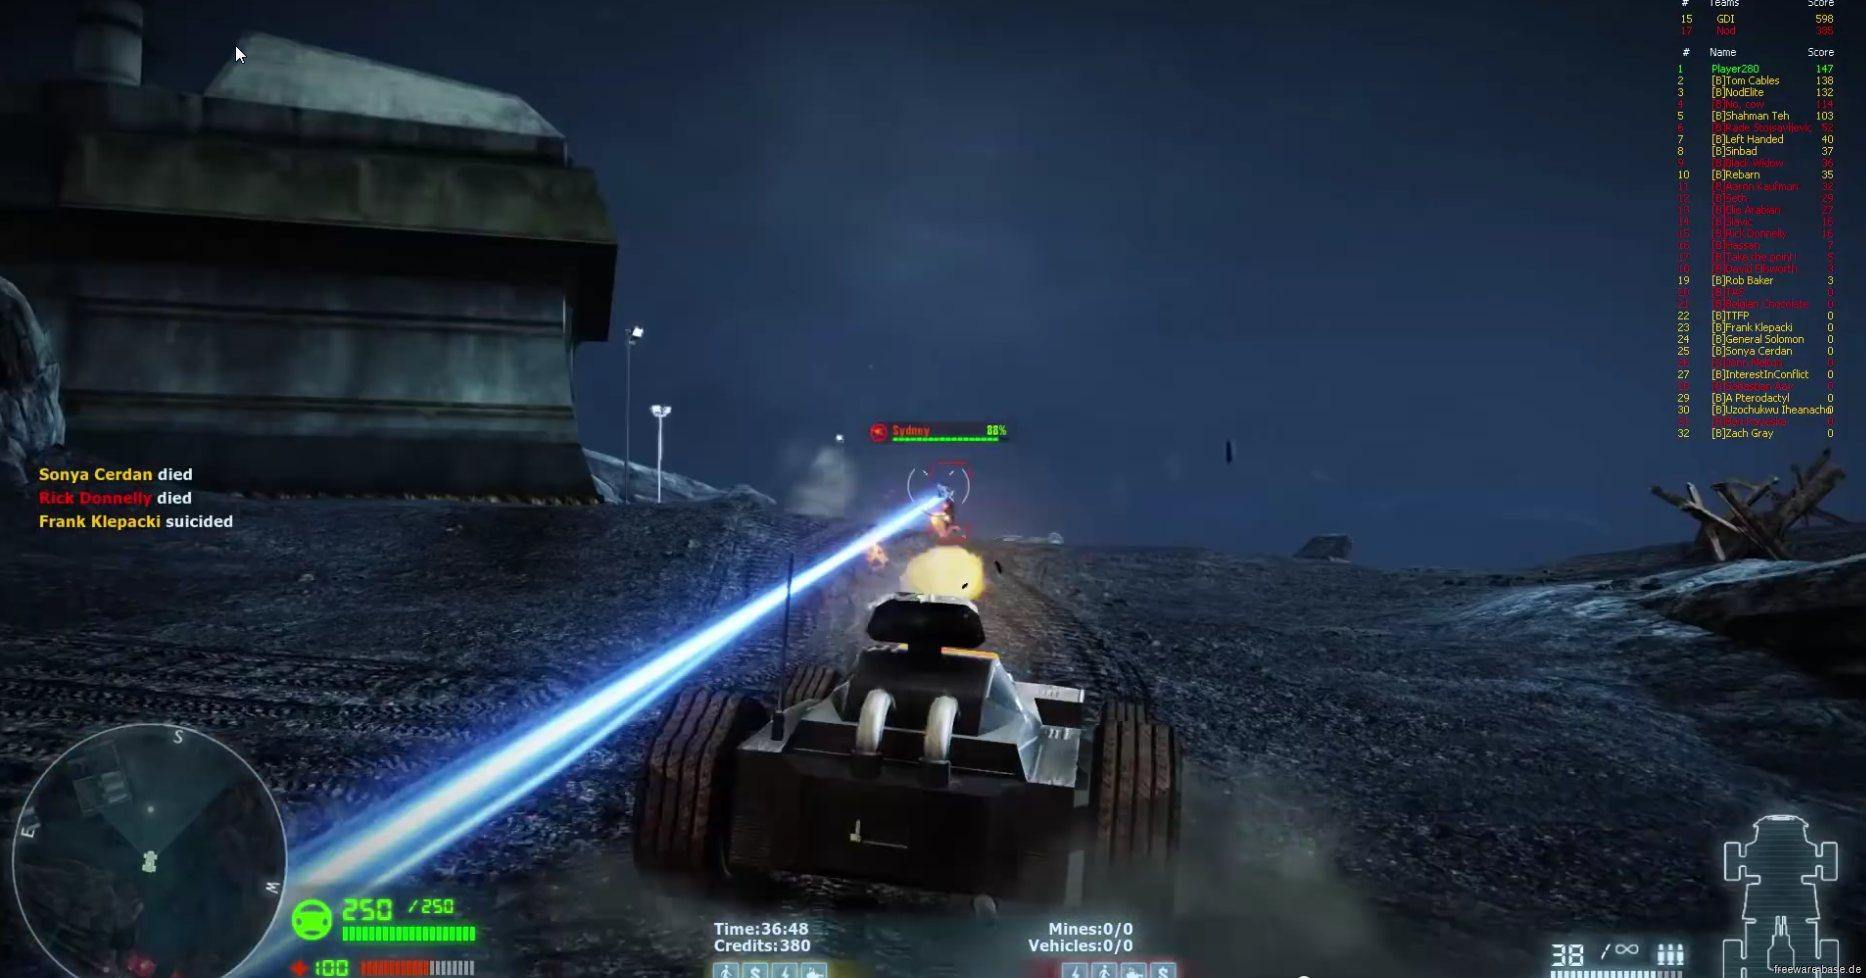 Vorschau Renegade X Multiplayer - Bild 2